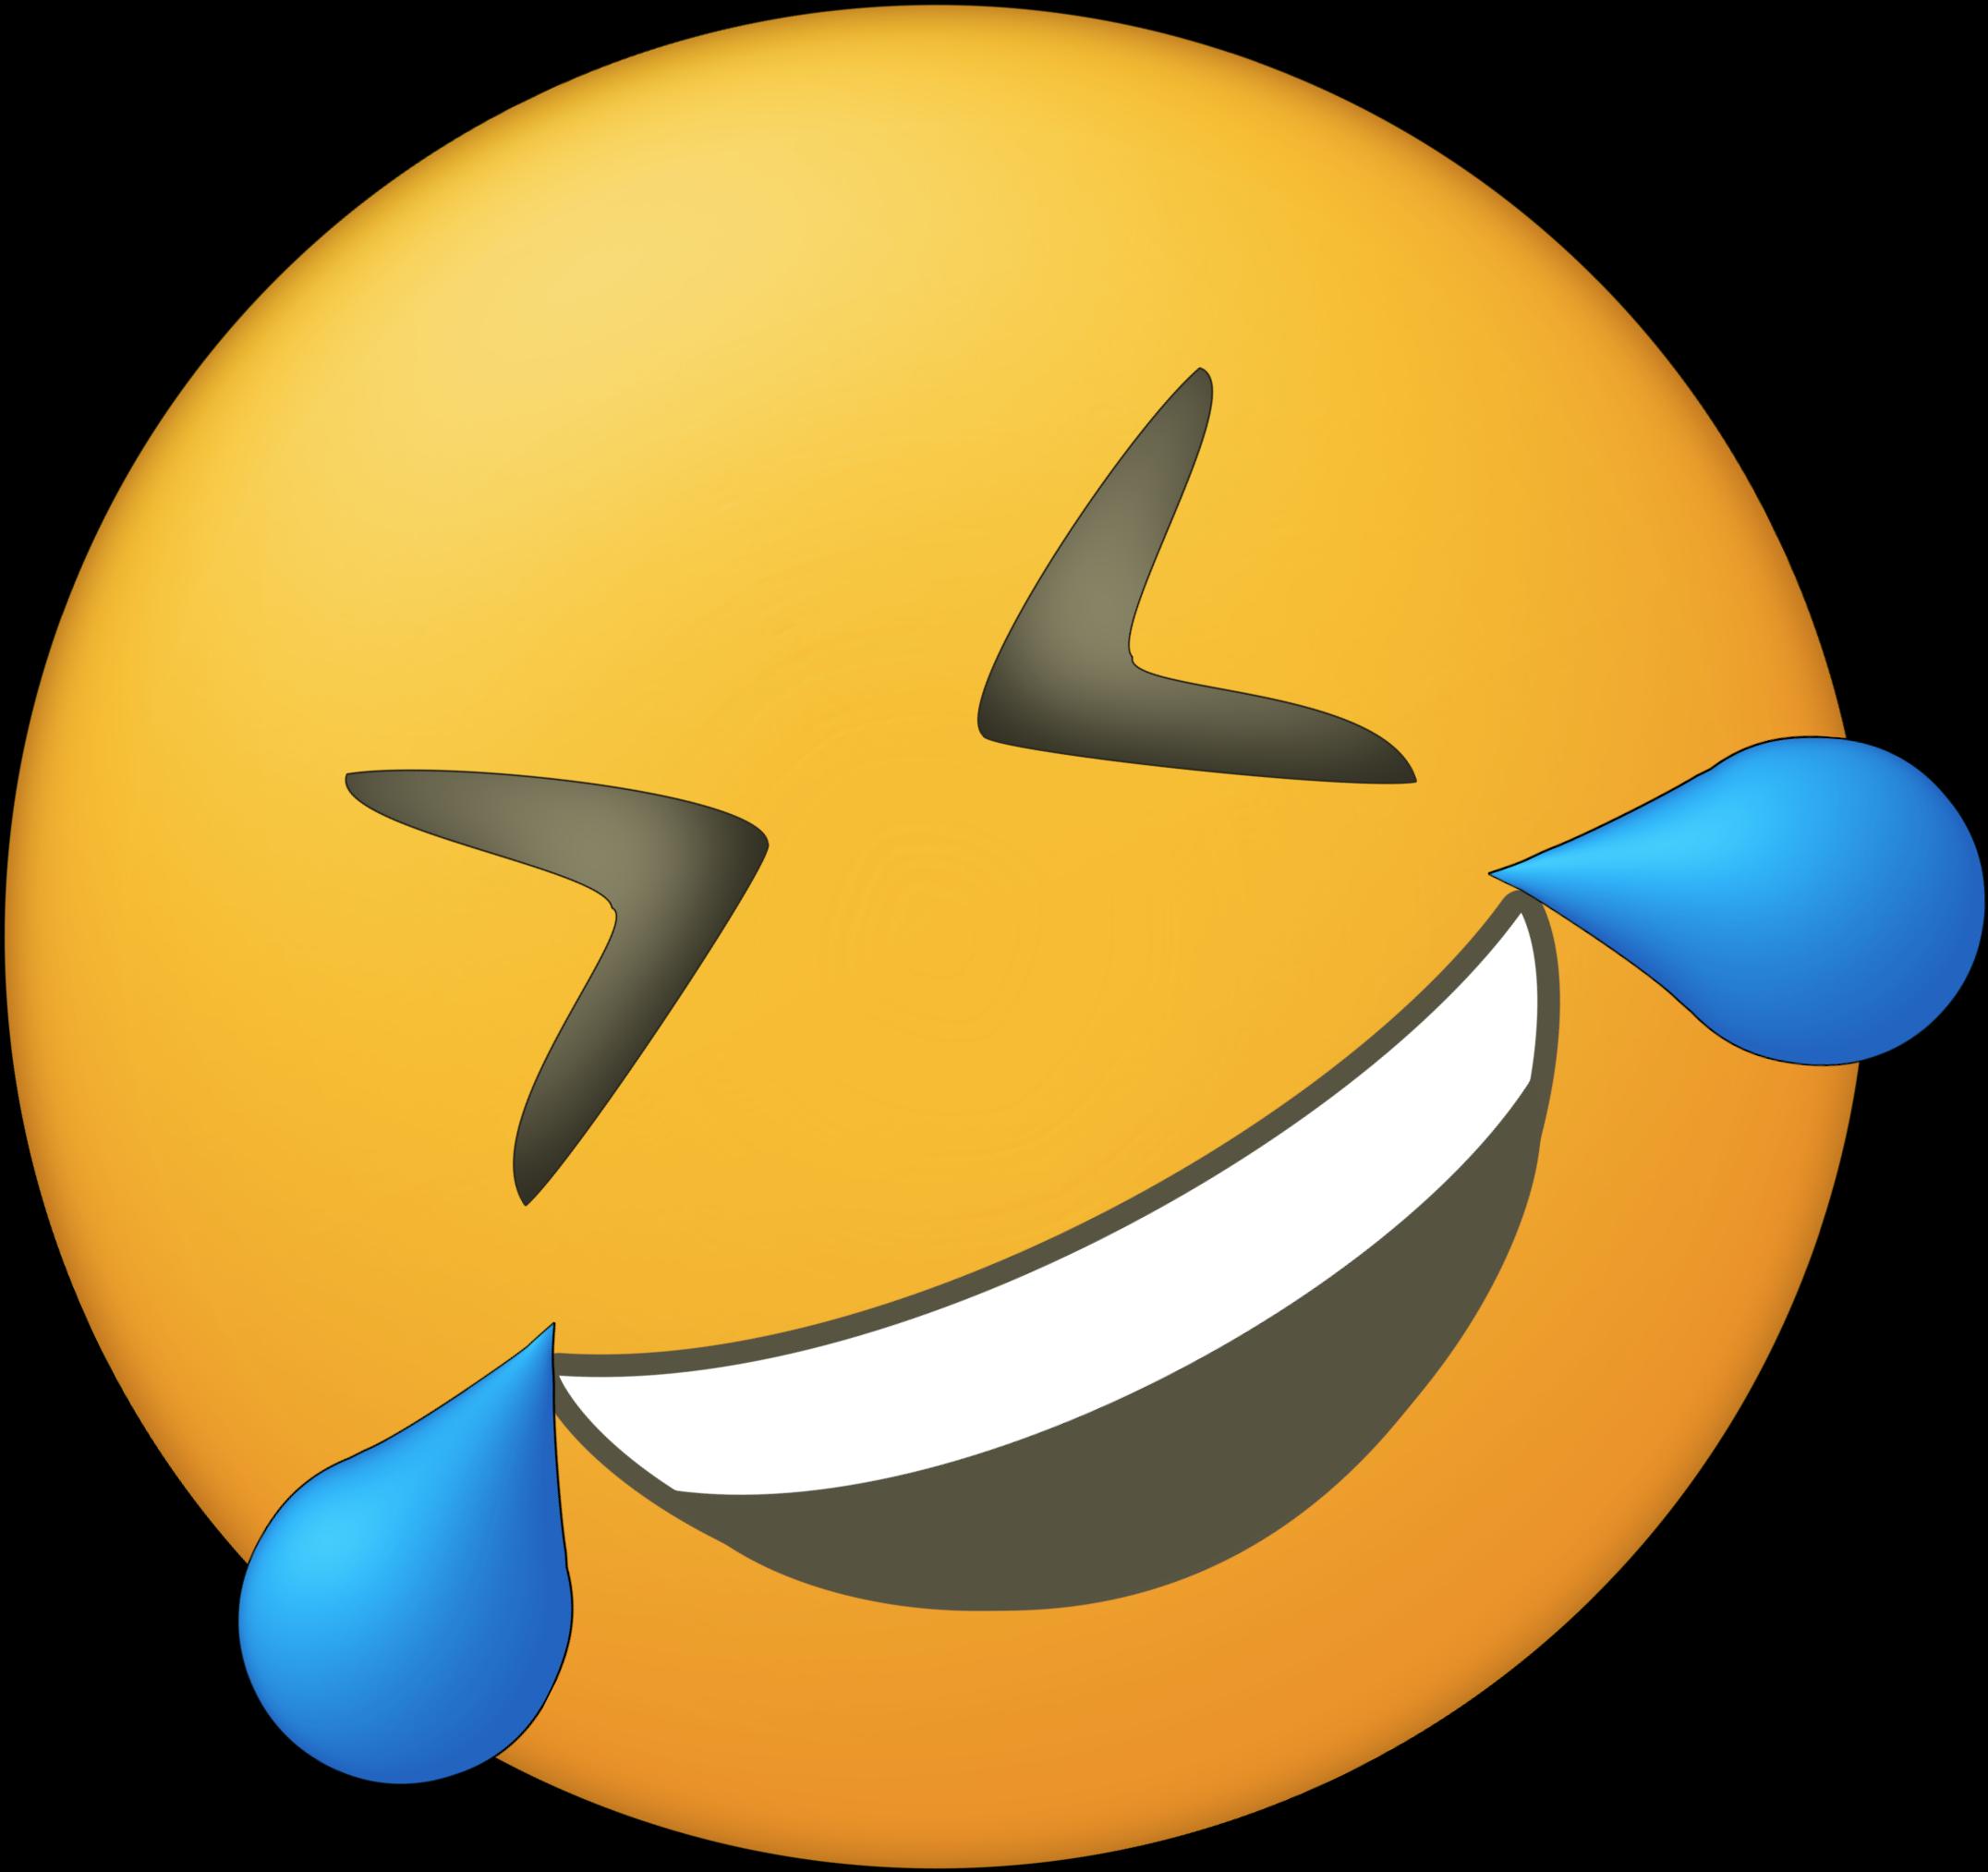 Download Printable Emojis, Free Emoji Printables, Teenage ...